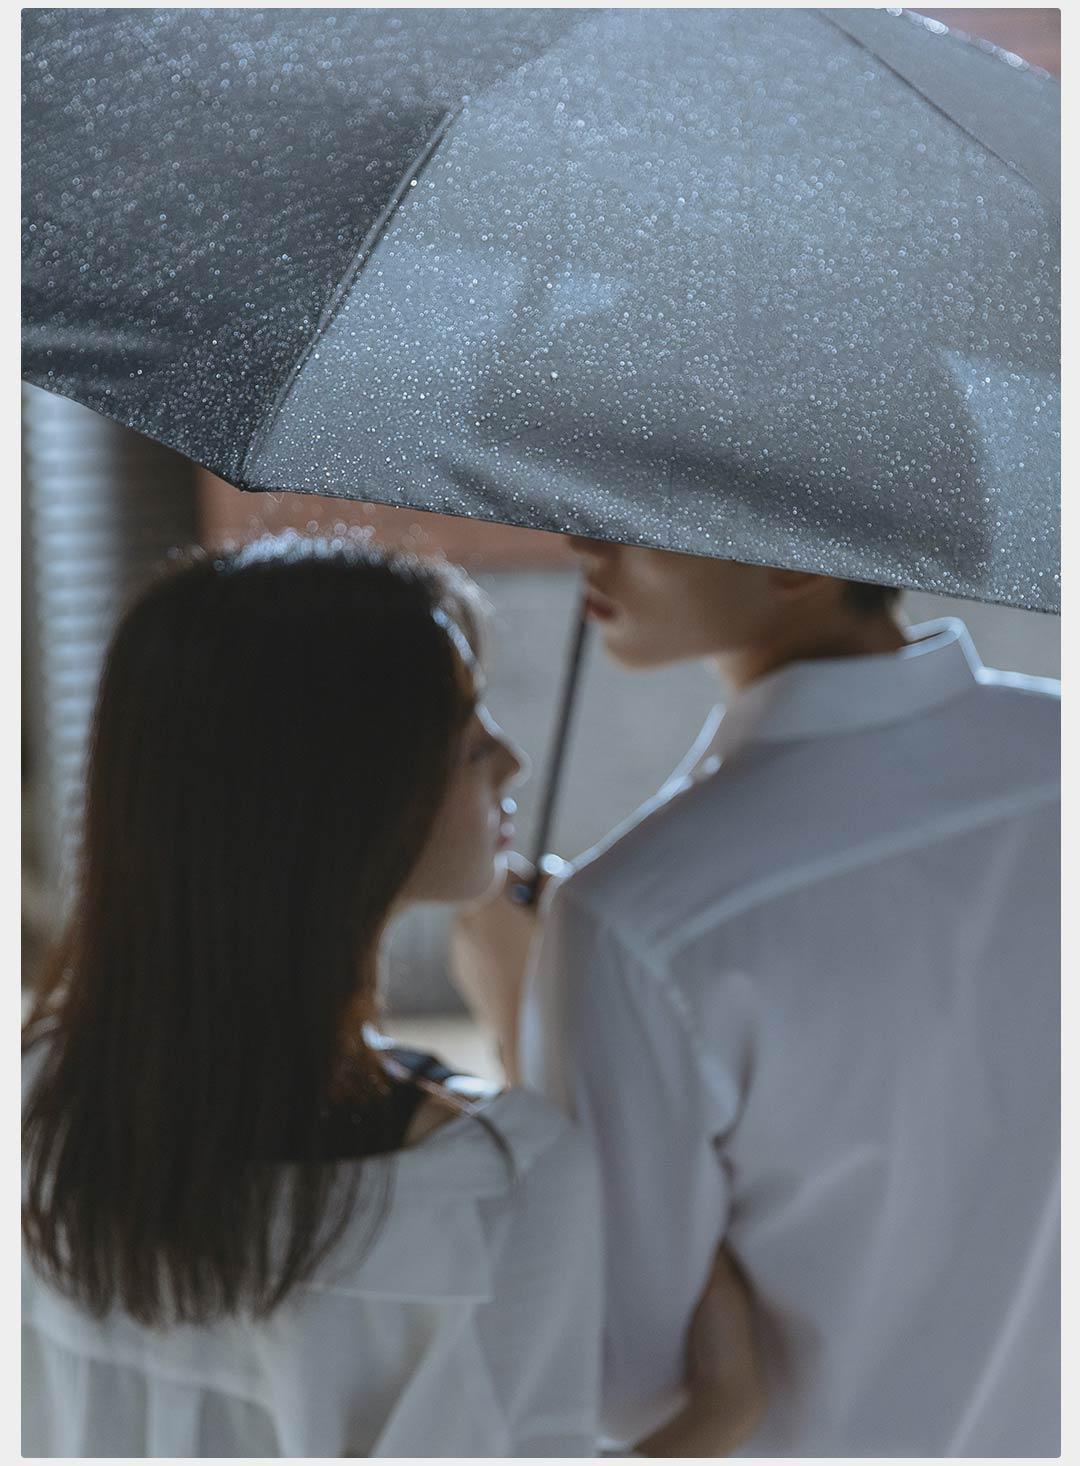 小编已下单,小米旗下 90分 轻薄便携雨伞 115cm加大伞面 49元包邮(长期59元) 买手党-买手聚集的地方